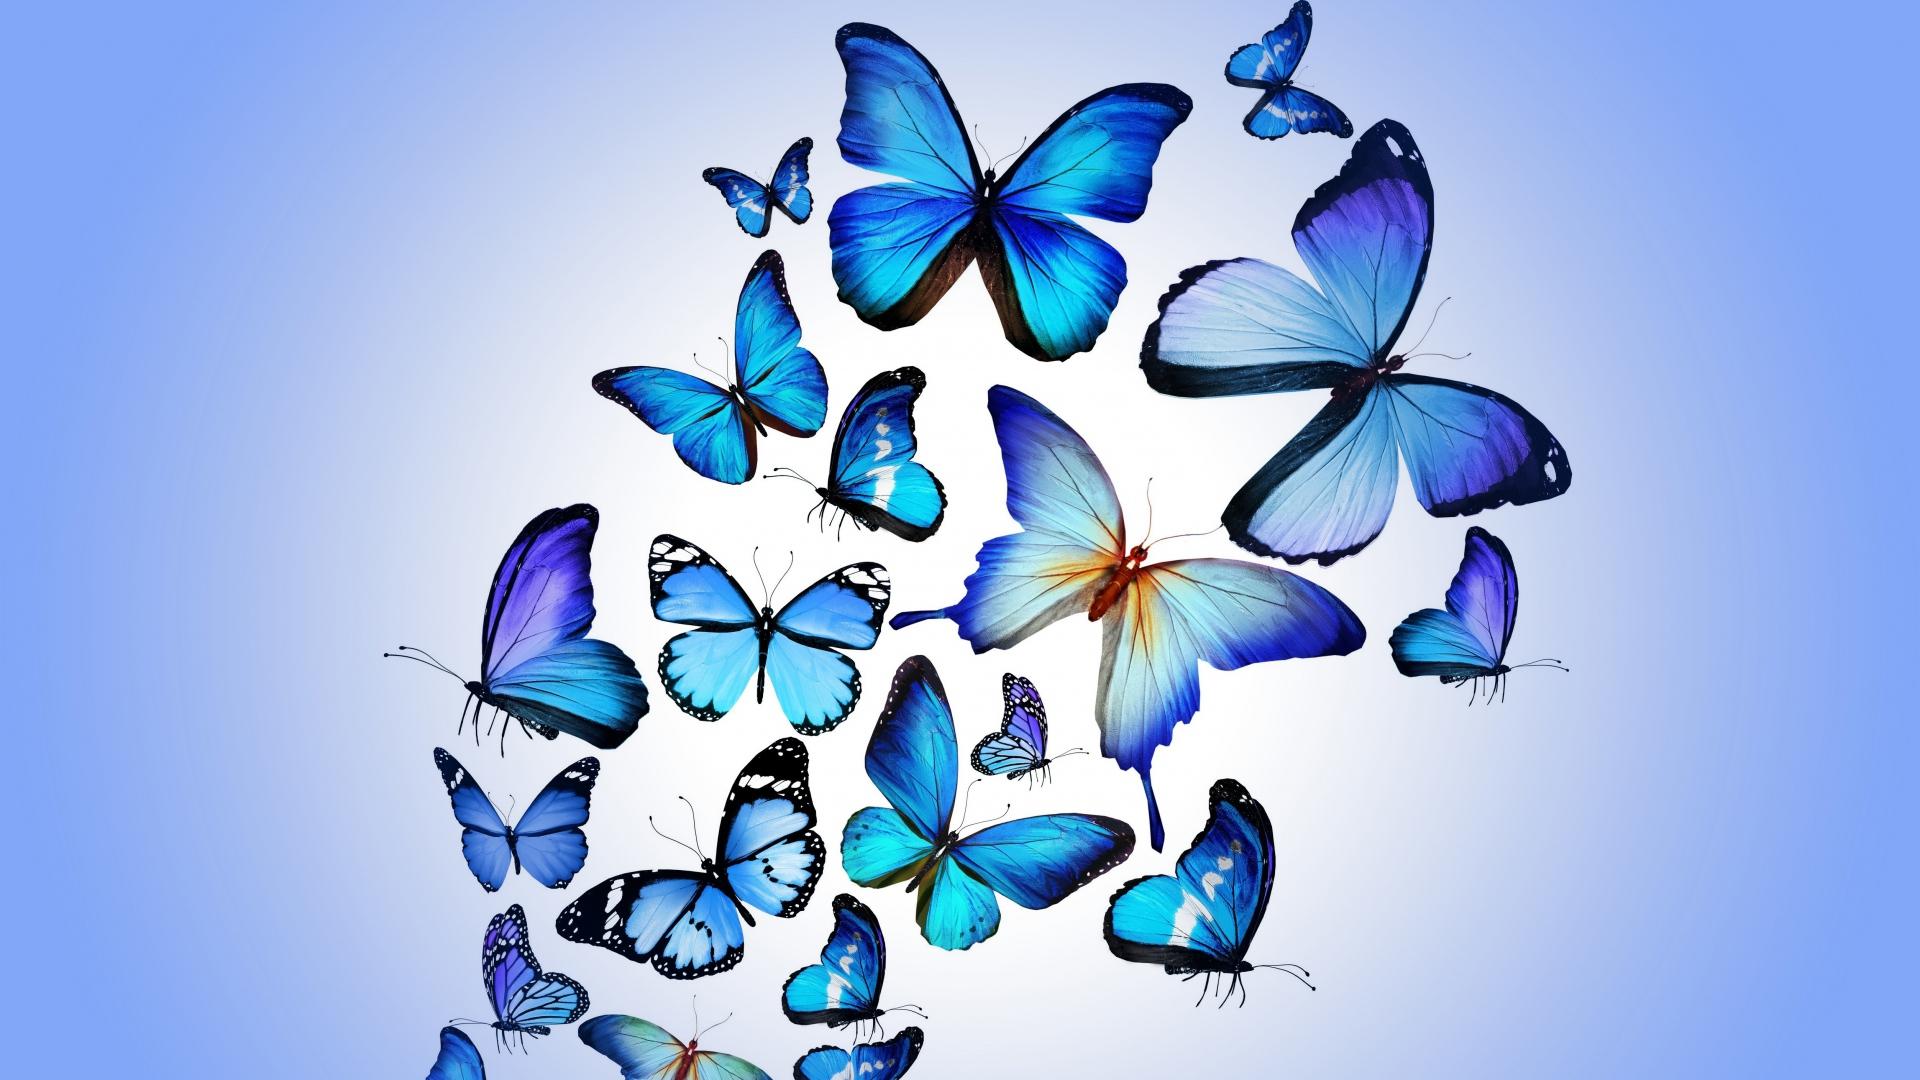 Free Download Blue Butterfly Wallpaper Hd Desktop Wallpaper 1920x1080 For Your Desktop Mobile Tablet Explore 48 Blue Butterfly Wallpaper Images Butterfly Hd Wallpaper Beautiful Butterfly Wallpapers For Desktop Butterfly